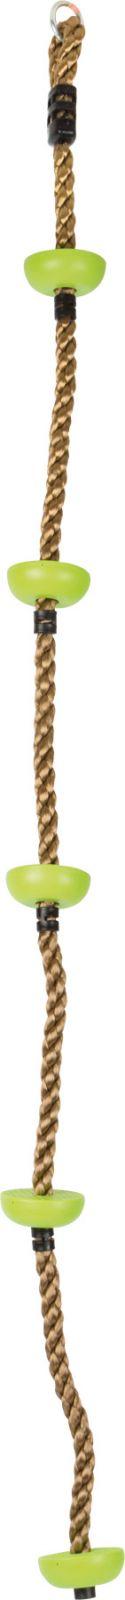 Dřevěné hračky Small Foot Dětské lezecké lano Sky Small foot by Legler